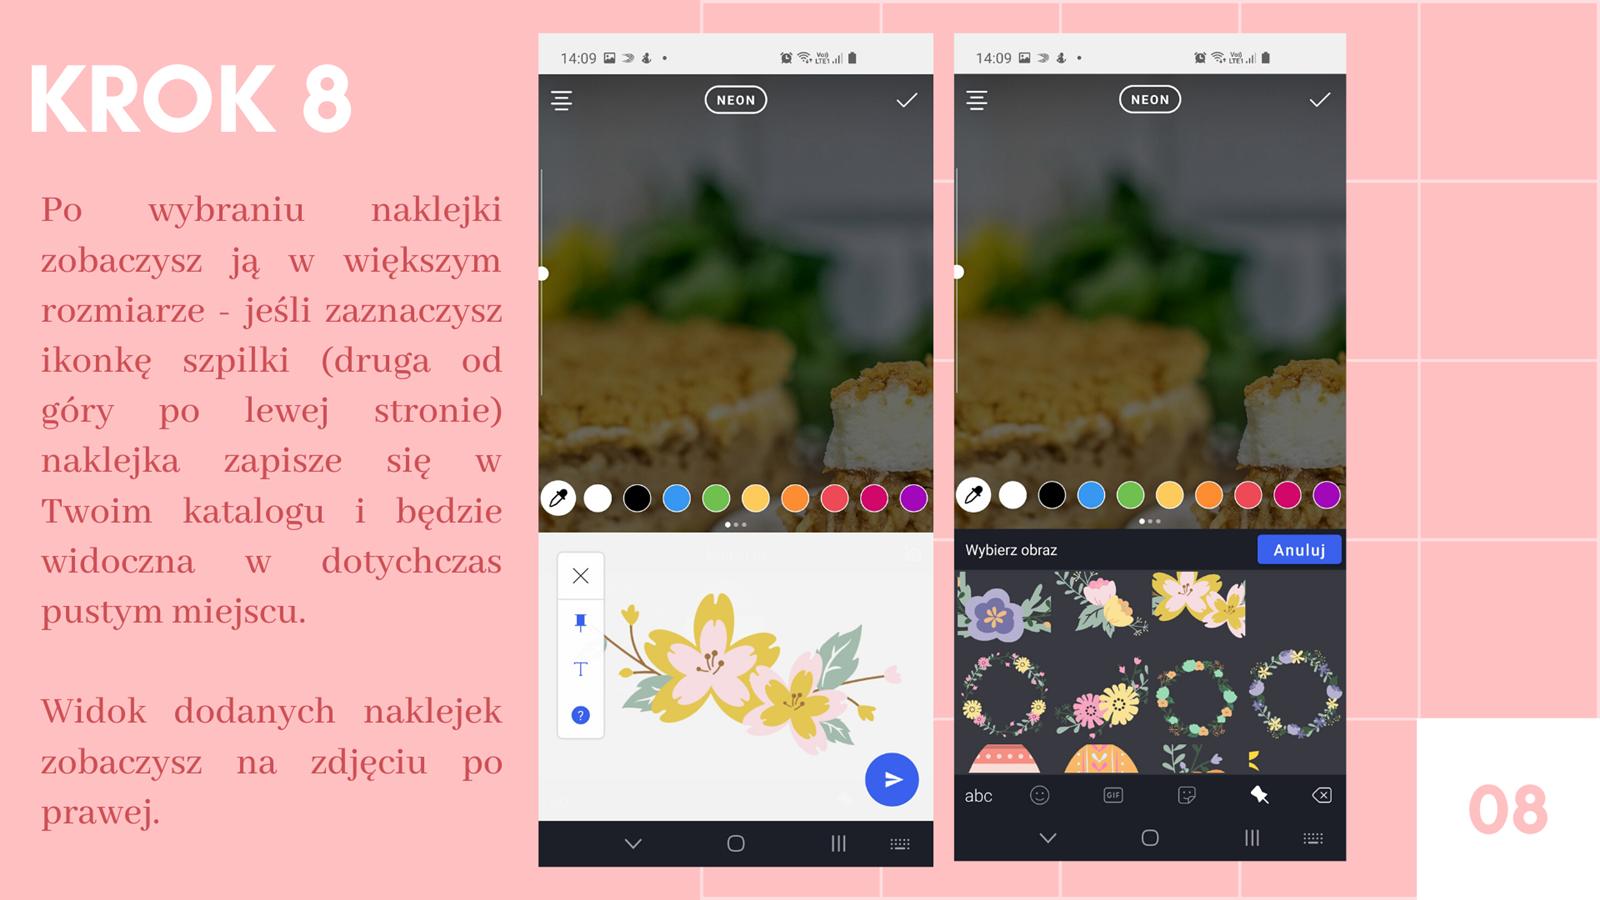 9 darmowe naklejki na instastories kwiaty wielkanoc jak zrobić swoją naklejkę na stories instagram jak wstawiać naklejki na instastory klawiatura swiftkey instrukcja krok po kroku